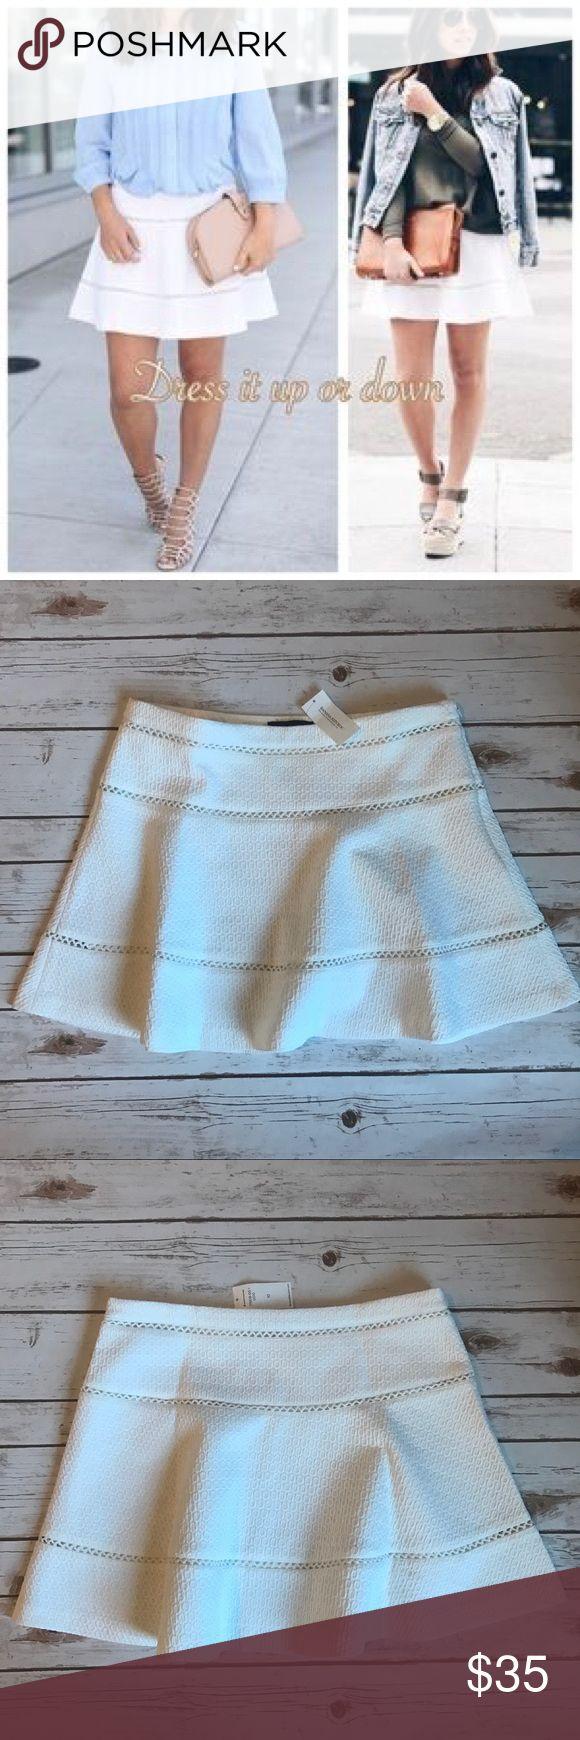 Banana republic lace mini skirt! NEW! Size 10 Banana republic lace mini skirt! NEW! Size 10 Banana Republic Skirts Mini